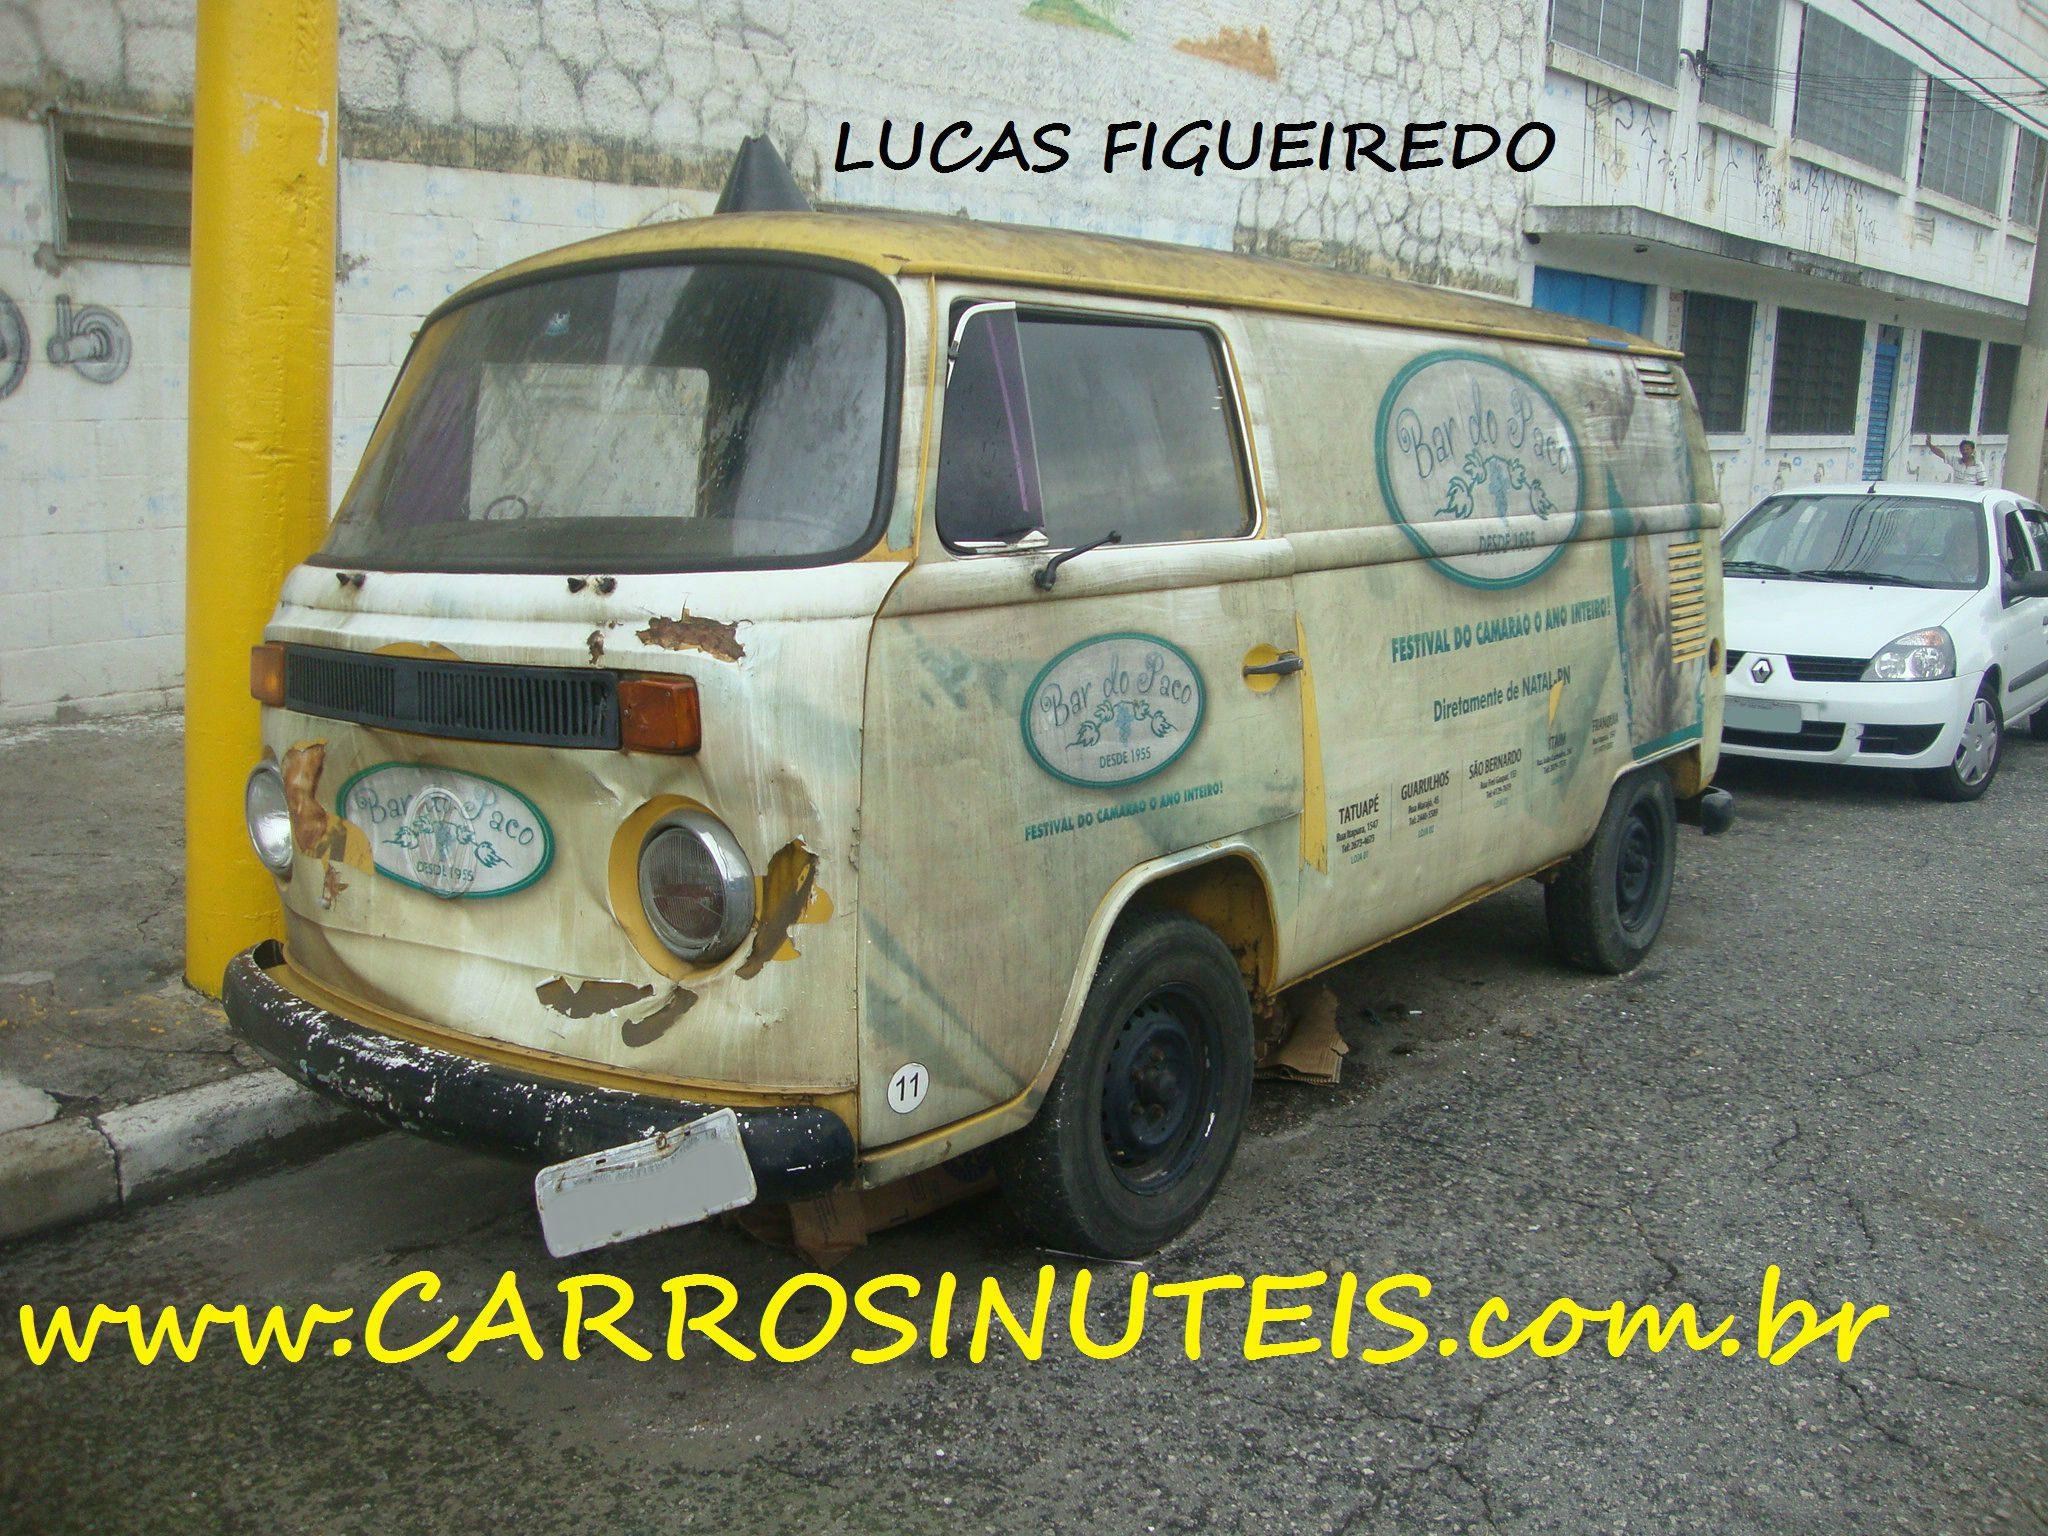 Lucas_Kombi_Sao-Paulo_Capital_22 VW Kombi, São Paulo, SP.